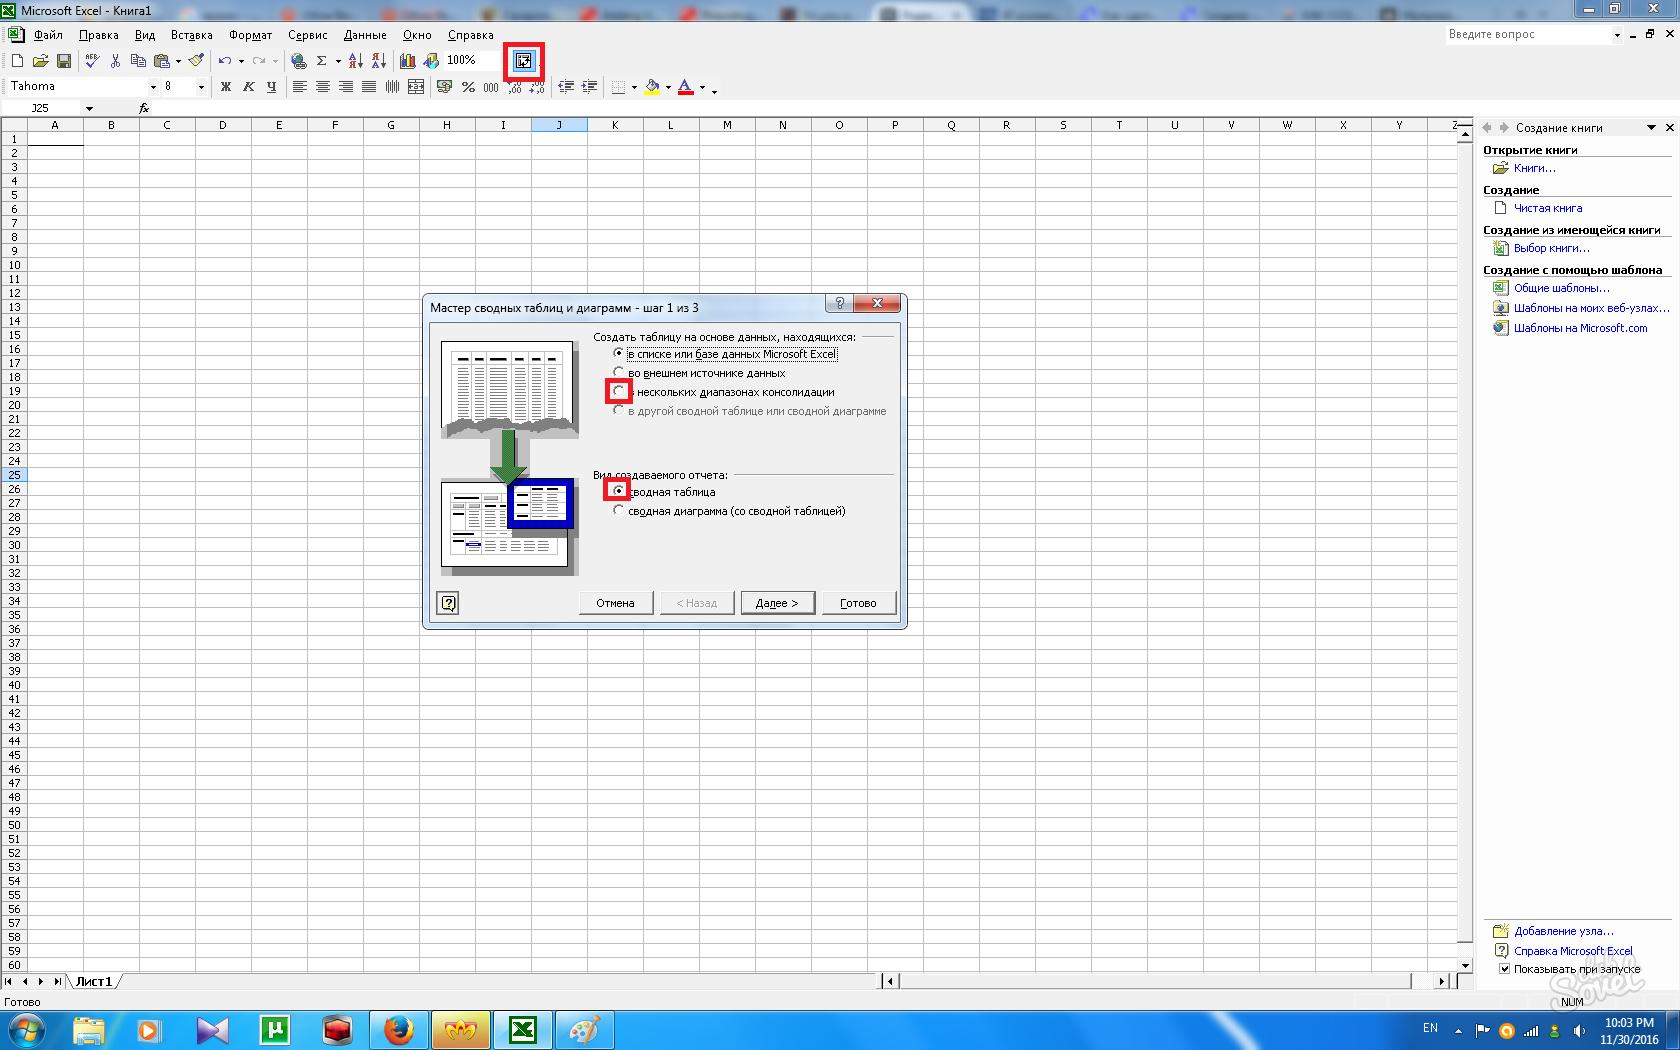 Создание и удаление таблицы Excel - Служба поддержки Office 96